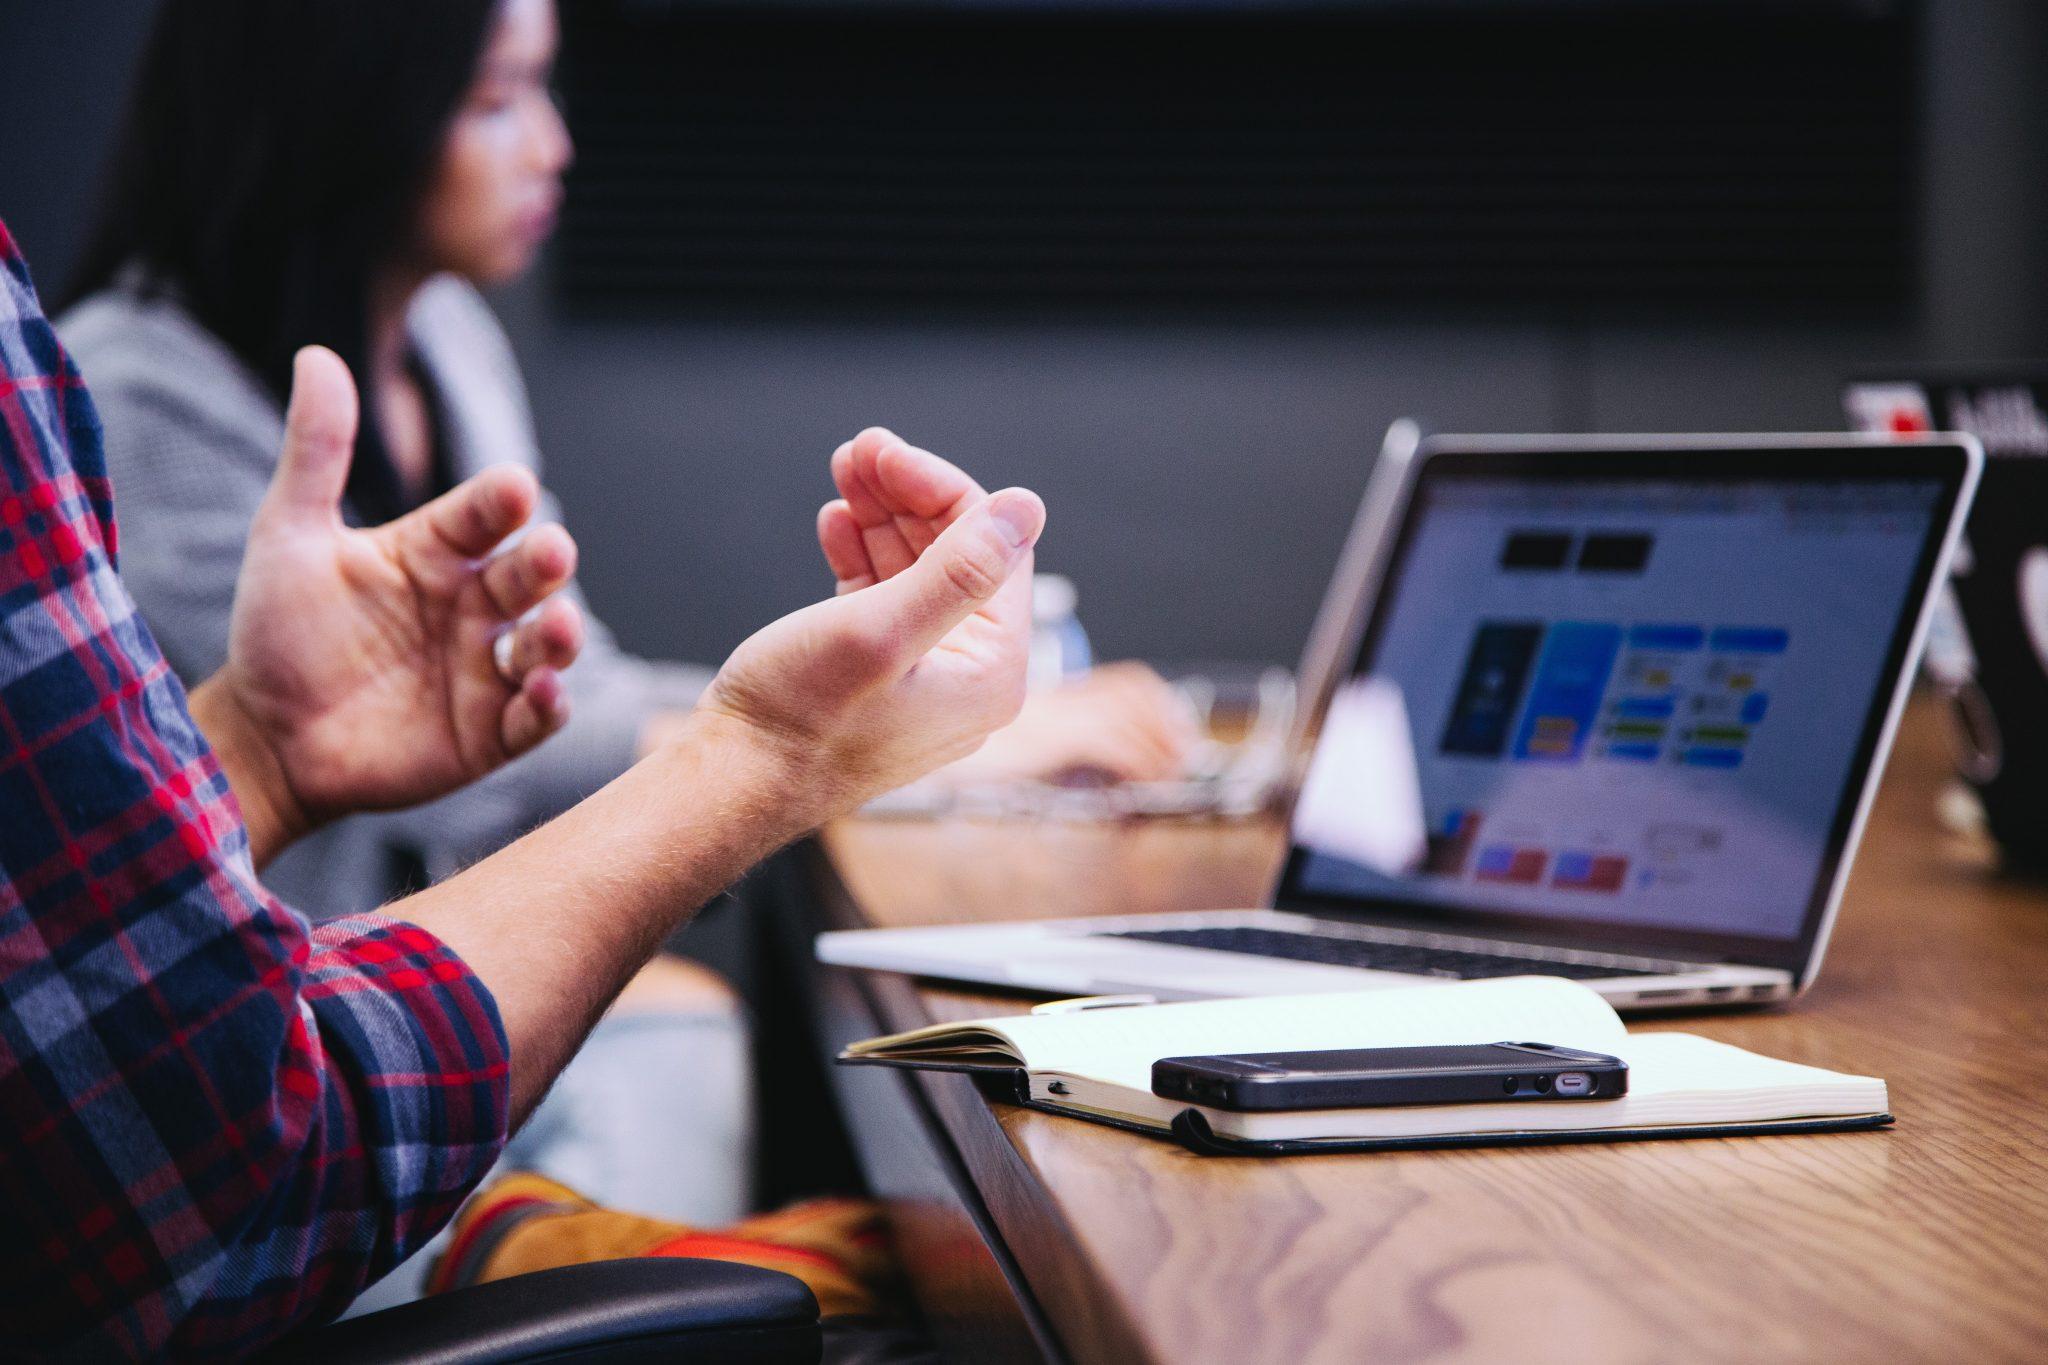 dados essenciais no cadastro de clientes